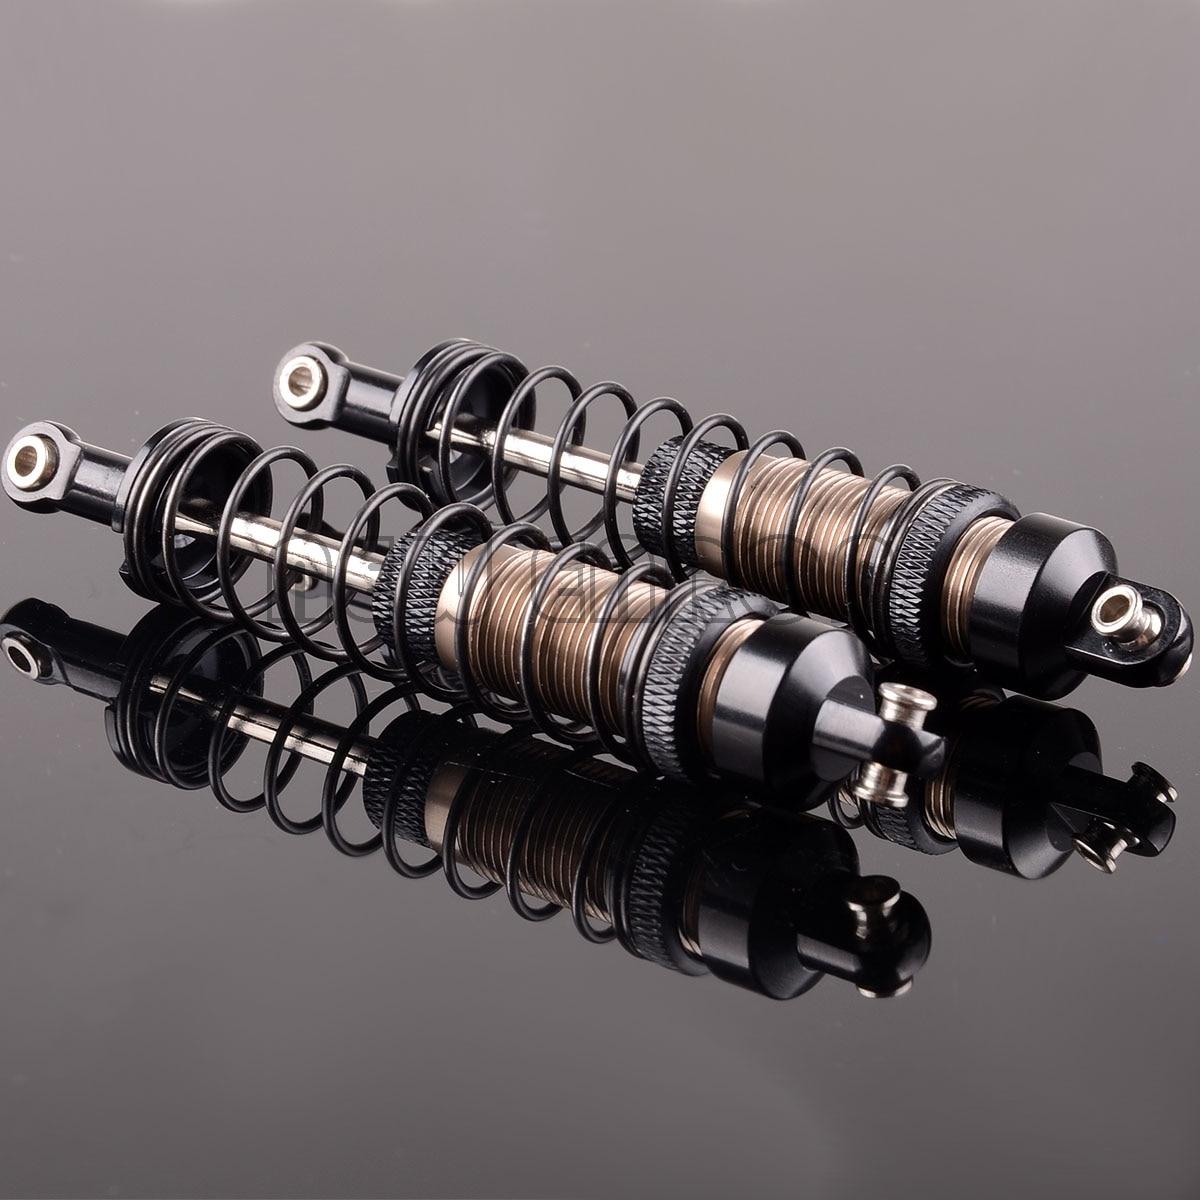 NEW ENRON 2P Aluminum Front/Rear 73-98mm Shock Absorber Damper w/4mm shaft 108169 Metal For RC Car HPI SAVAGE XS FLUX VGJR